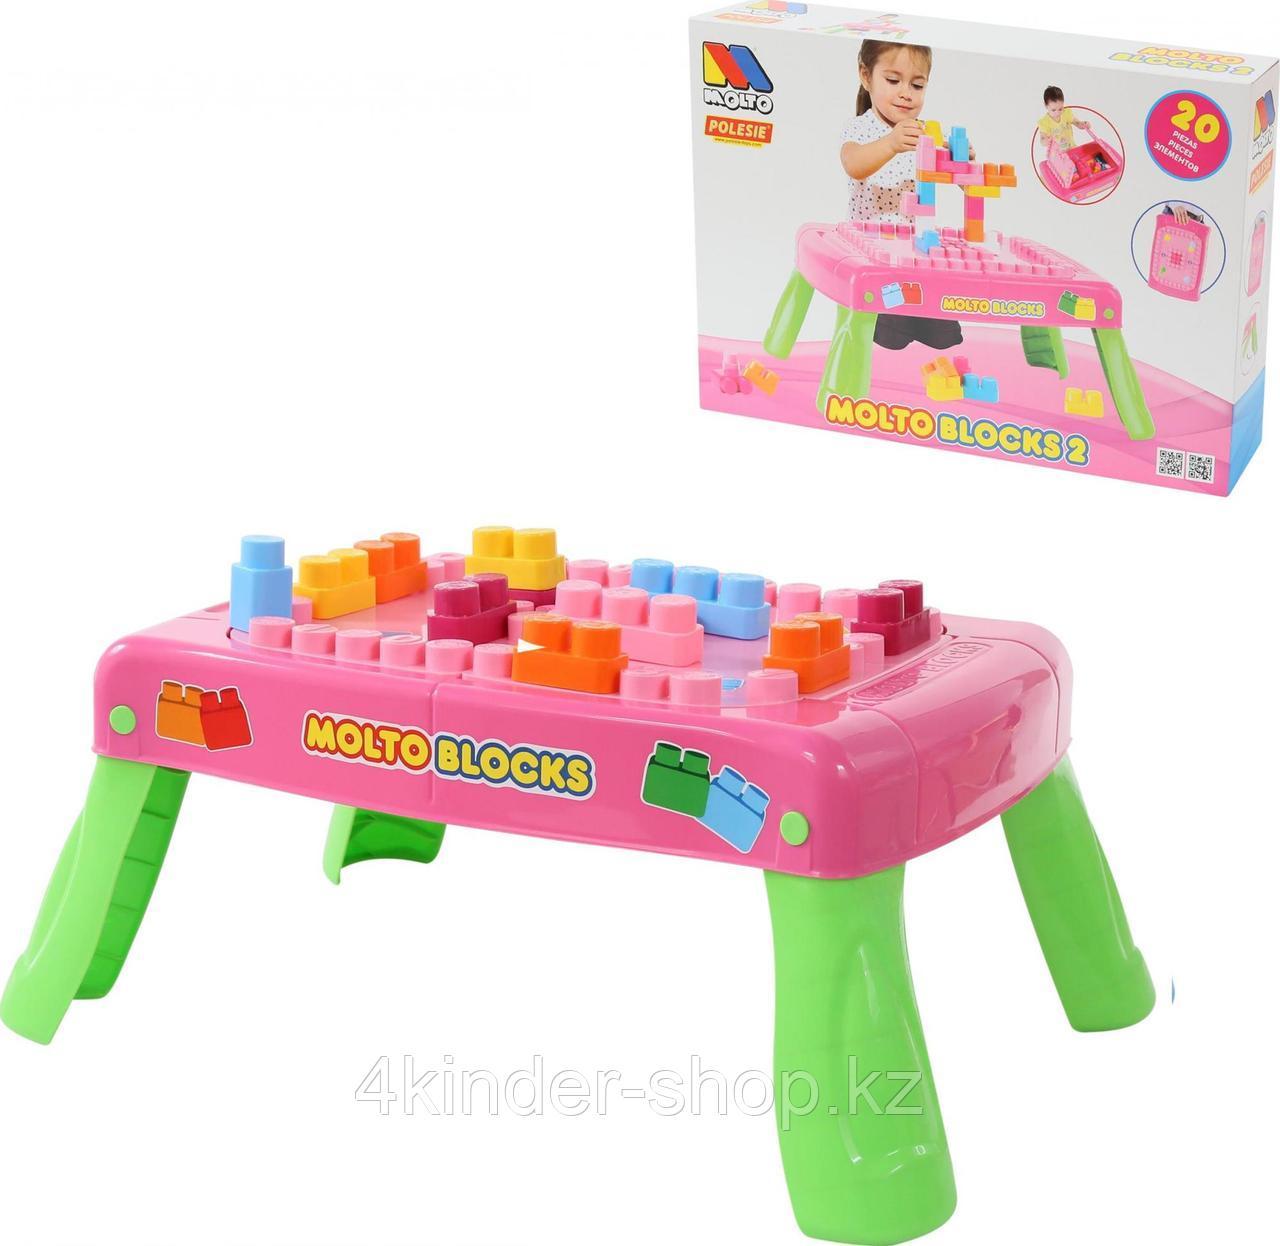 Игровой набор с конструктором в коробке (розовый) - фото 1